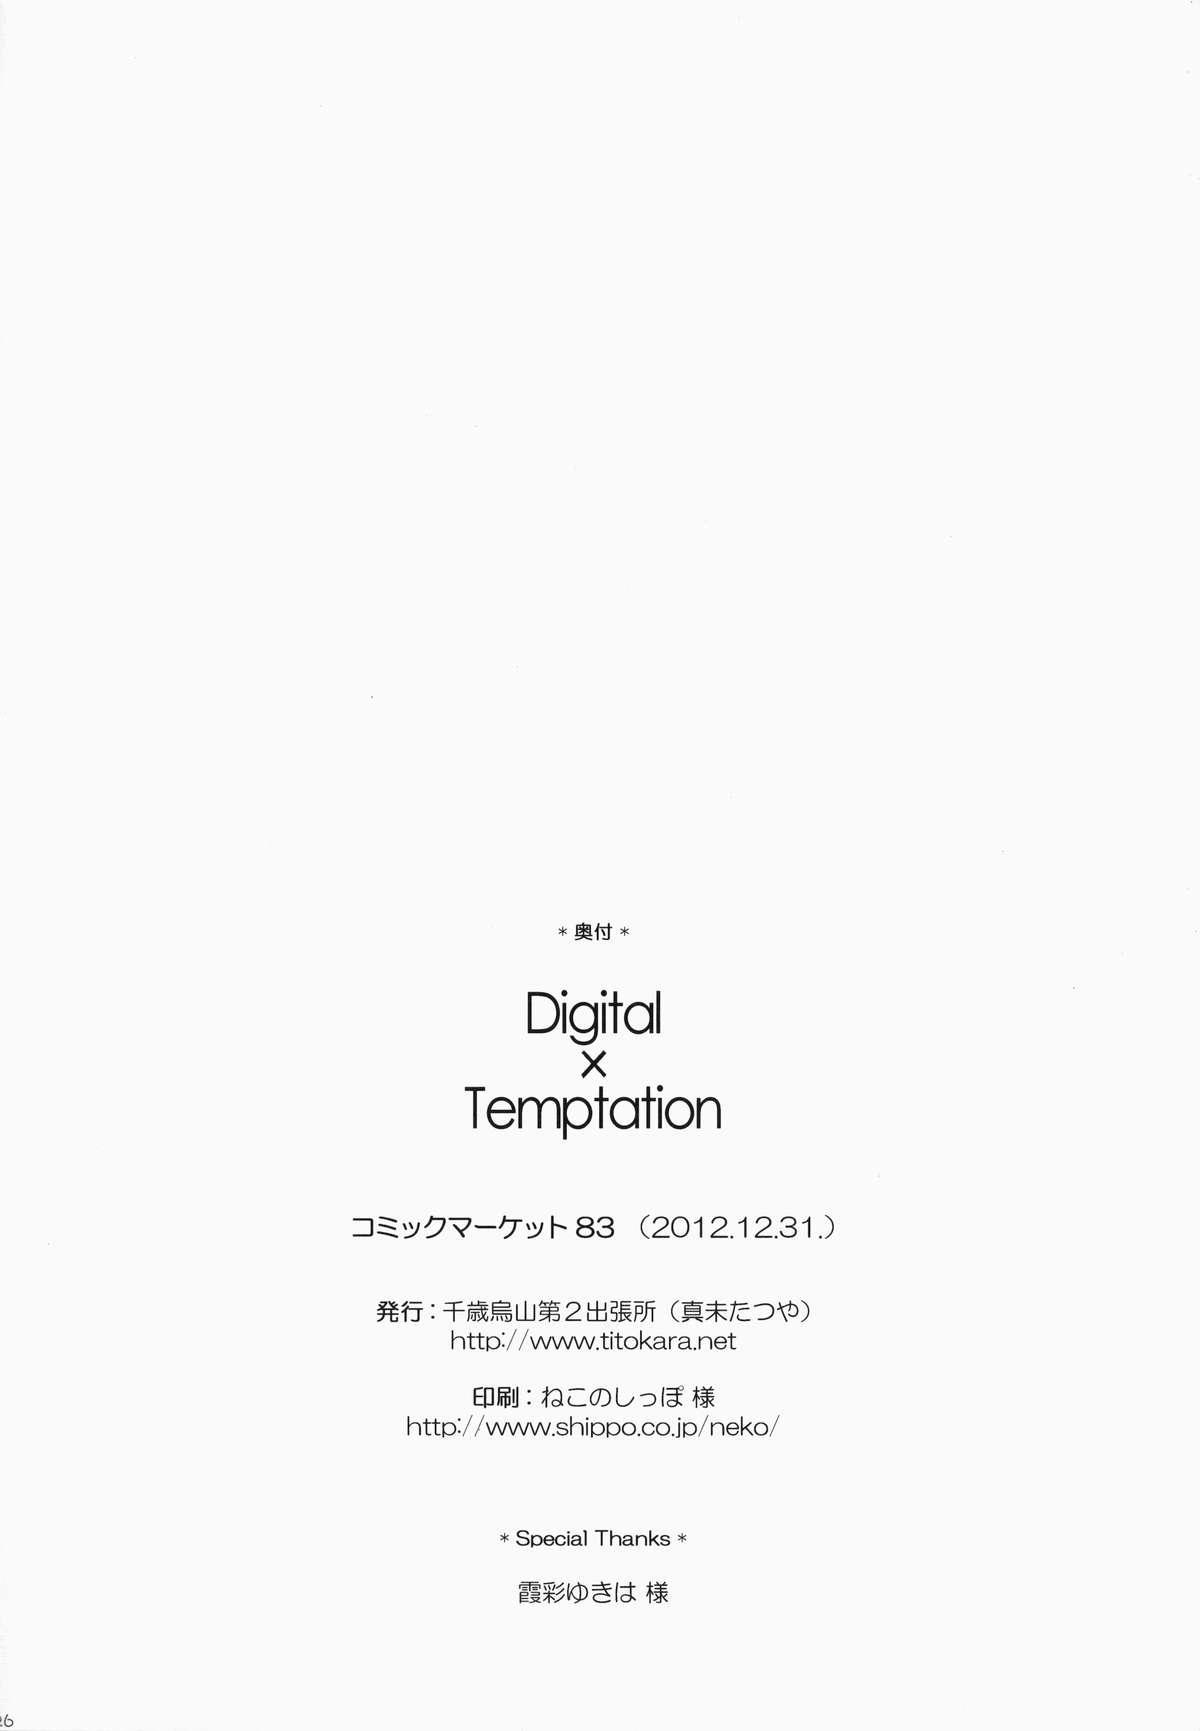 Digital x Temptation 24